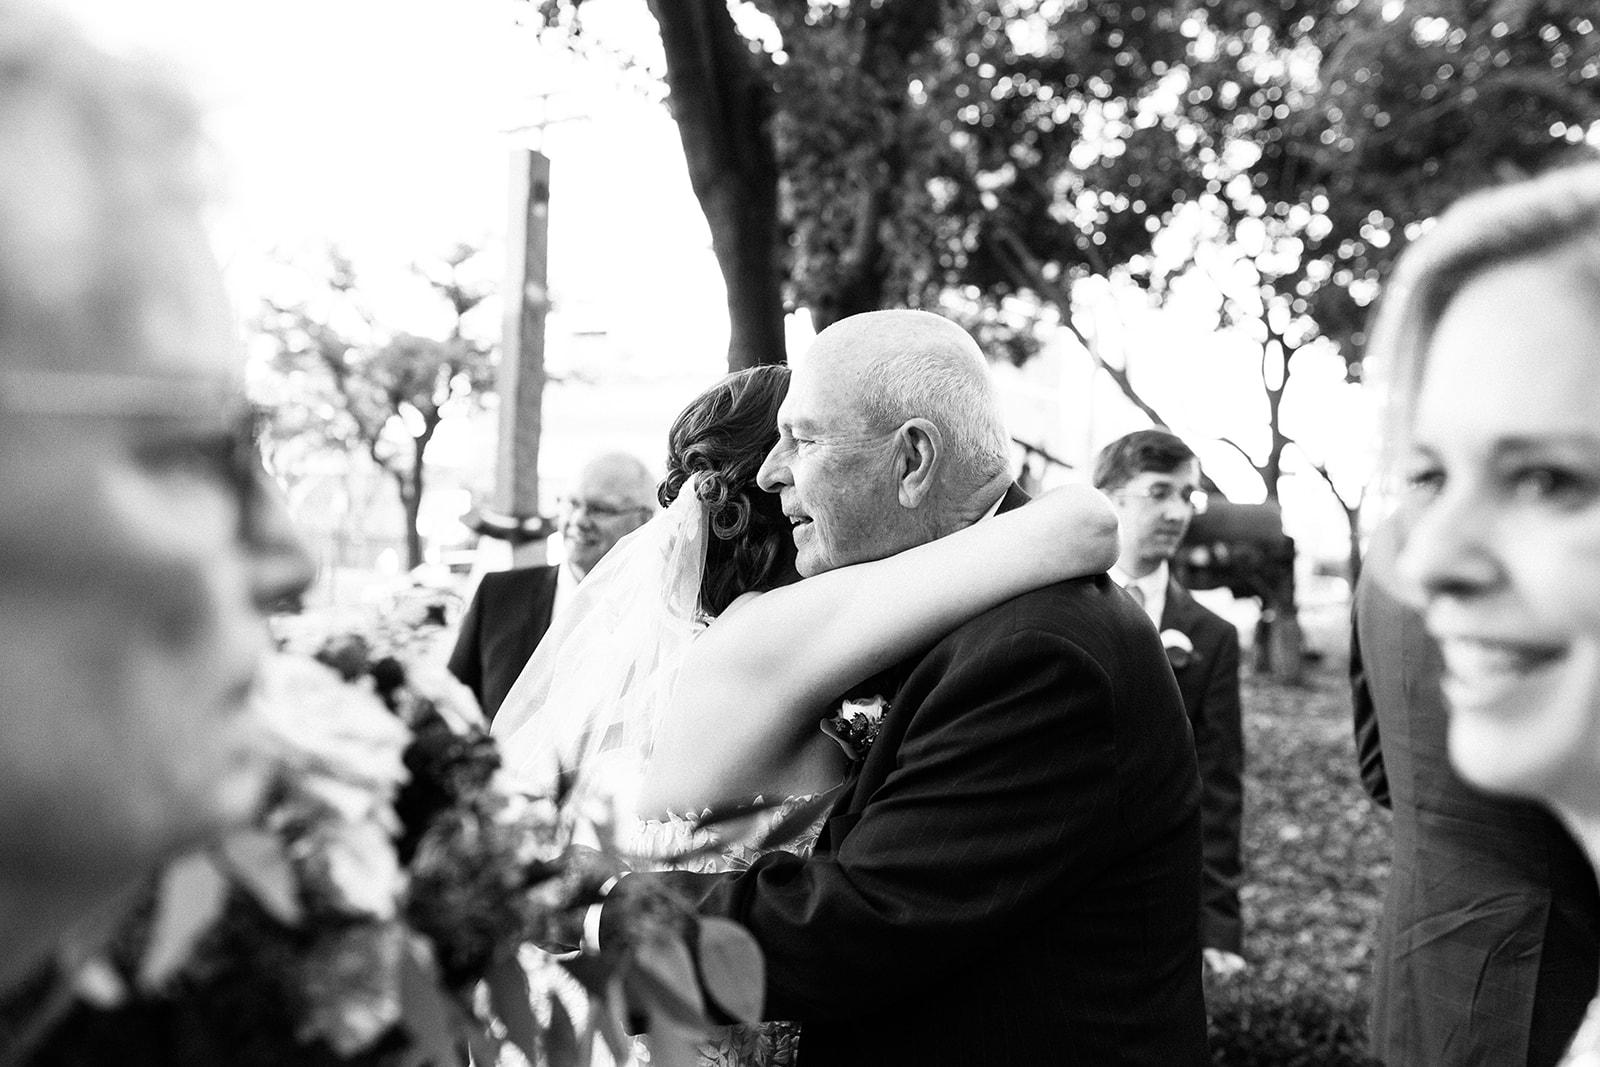 bridgeport art center sculpture garden wedding_53.jpg